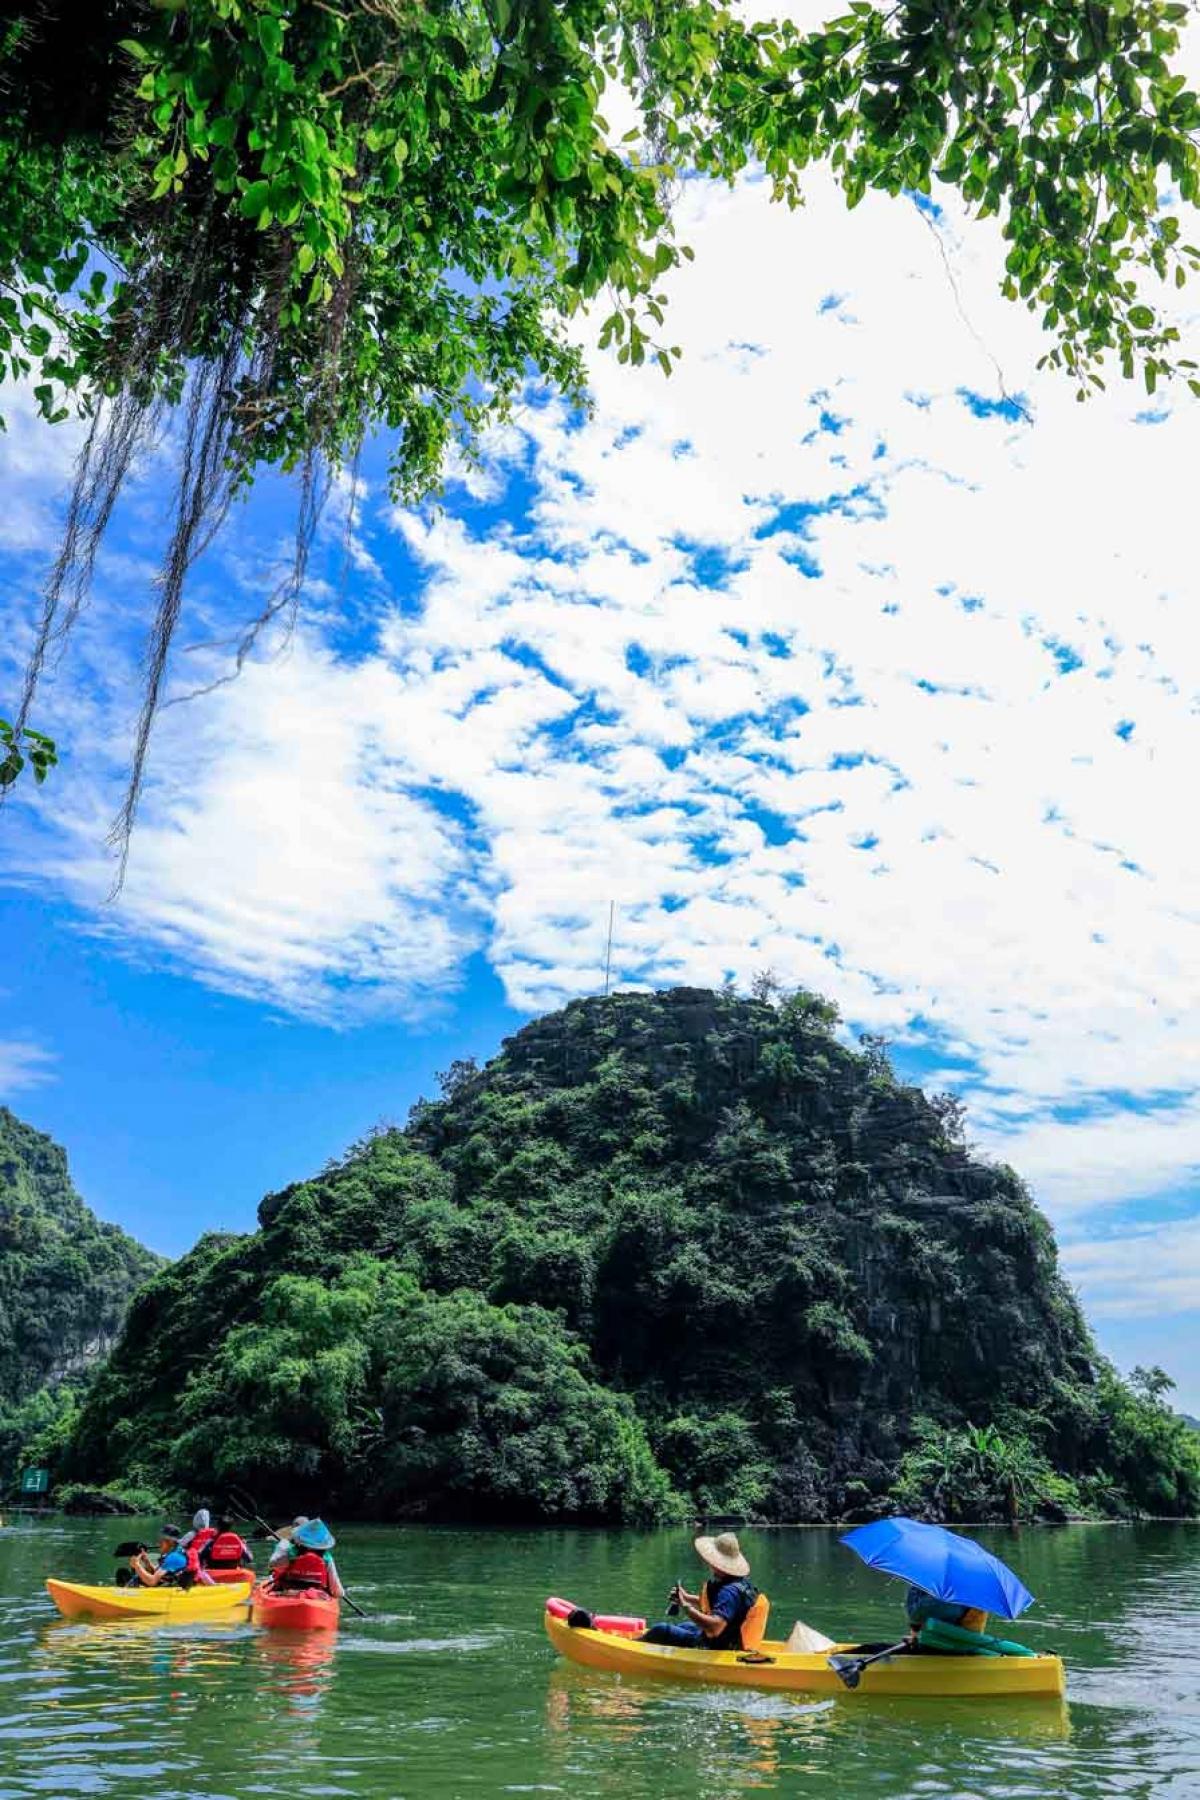 Khu du lịch sinh thái Tràng An sở hữu cảnh sắc thiên nhiên tuyệt đẹp. Ảnh: KDL Sinh thái Tràng An